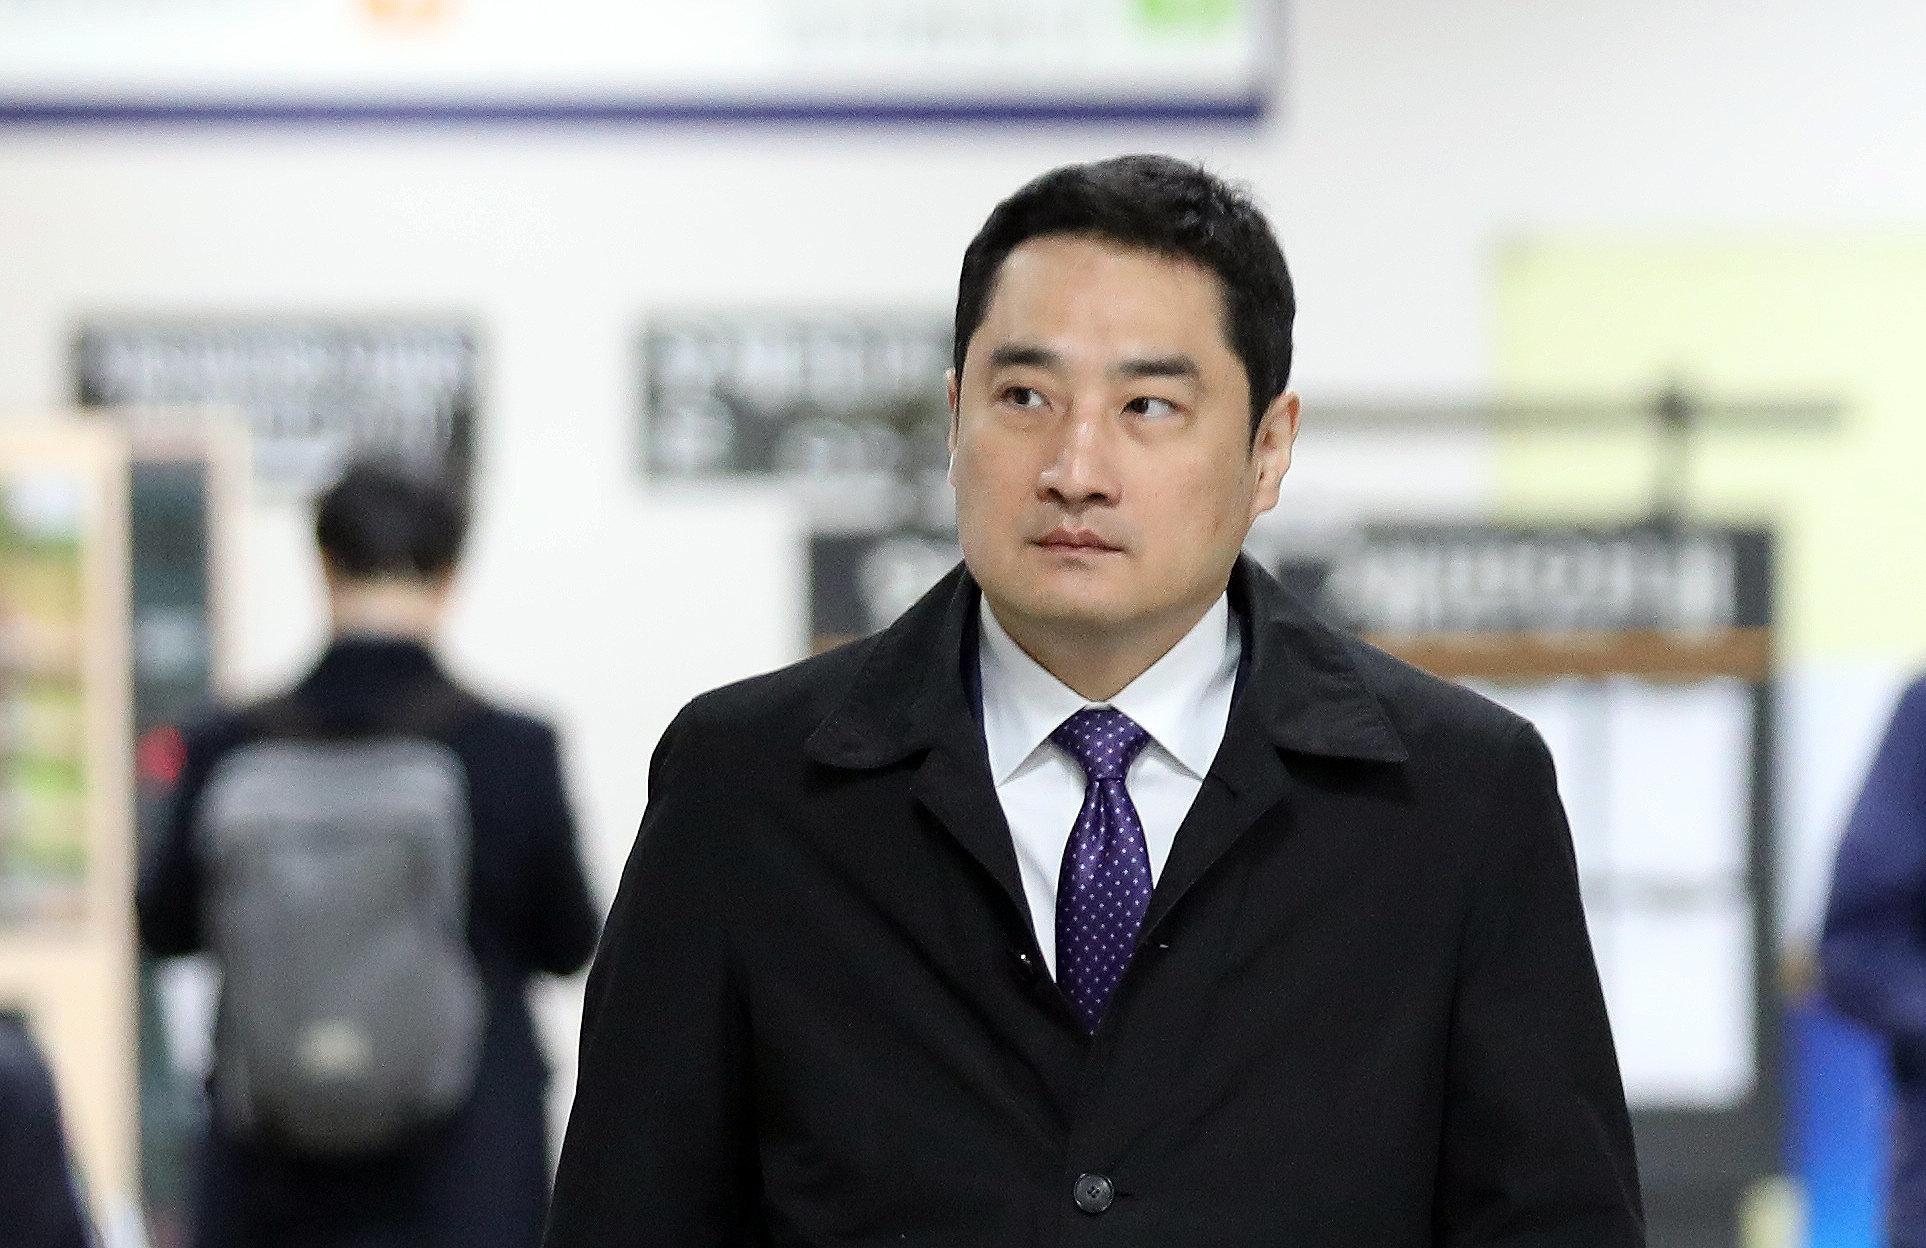 '고소왕' 강용석의 '악플 손해배상 소송'을 법원이 기각한